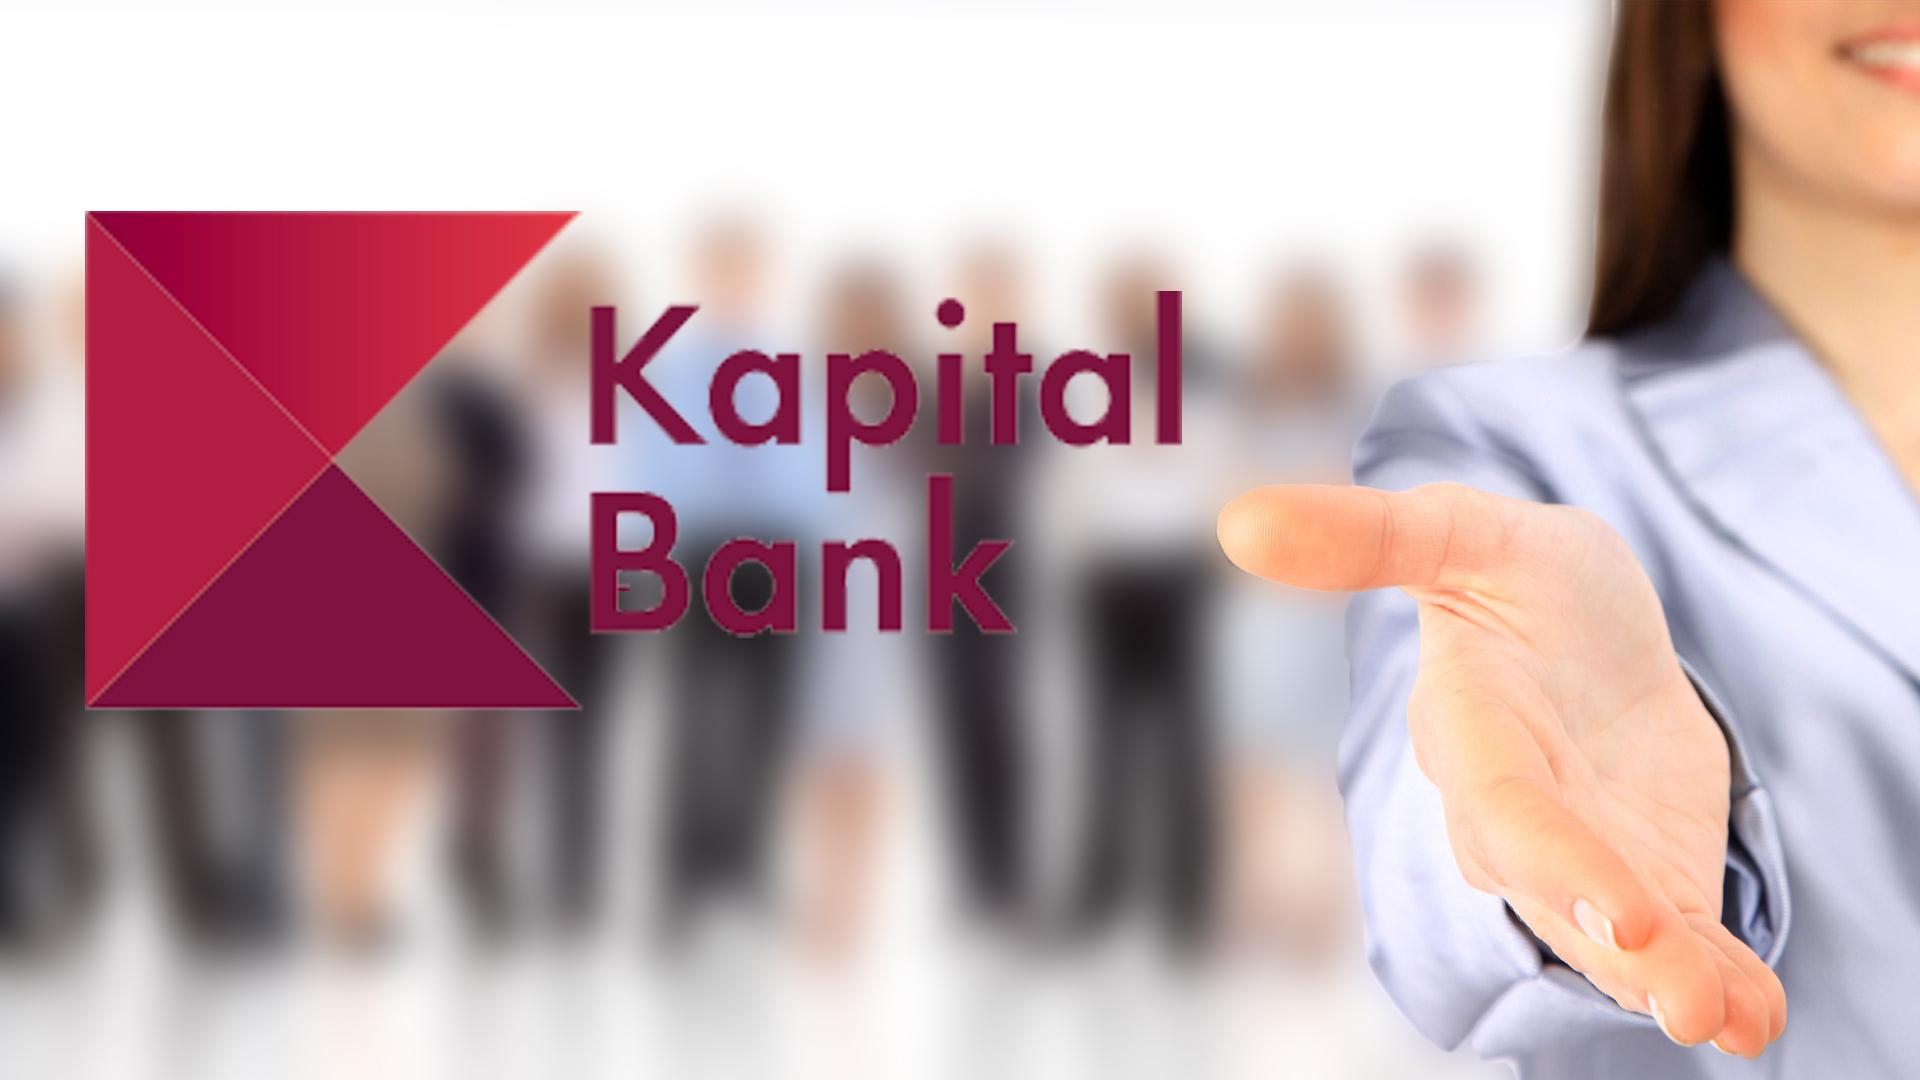 Kapital Bank-da iş imkanı! - VAKANSİYA